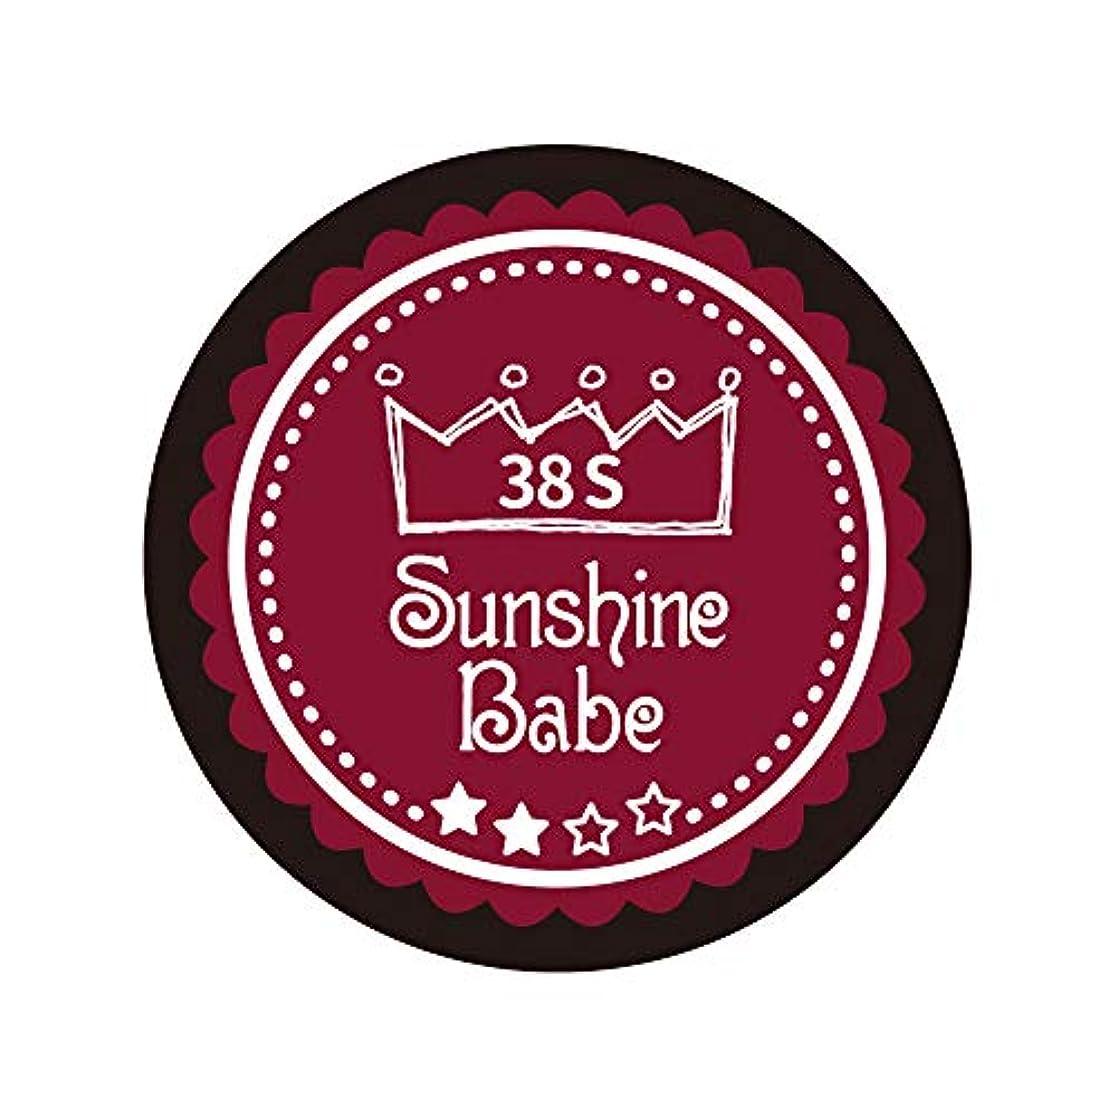 シルエット科学ペストSunshine Babe カラージェル 38S レッドペア 2.7g UV/LED対応